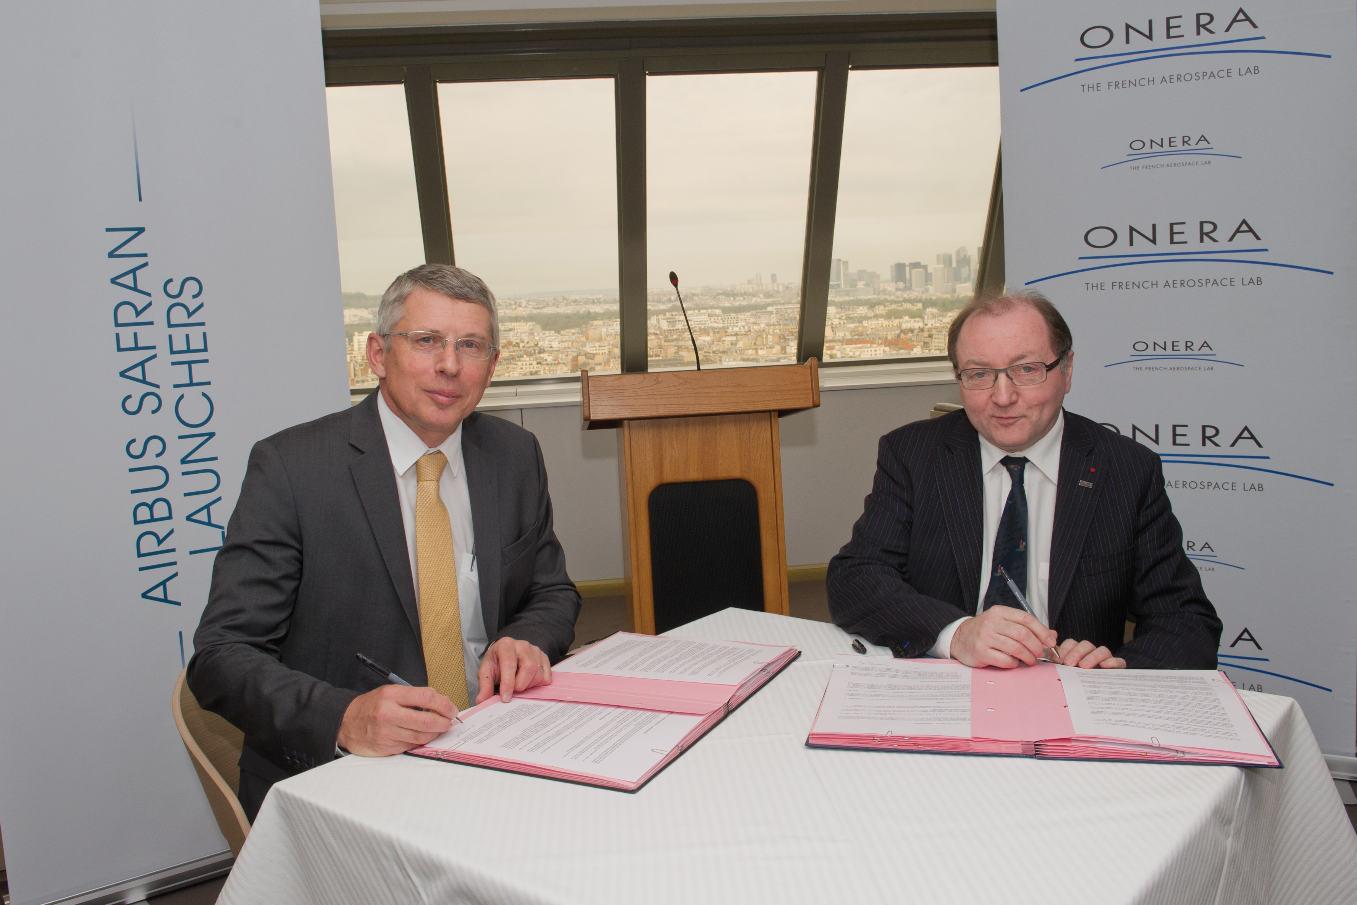 Airbus Safran Launchers et l'Onera renforcent leur coopération